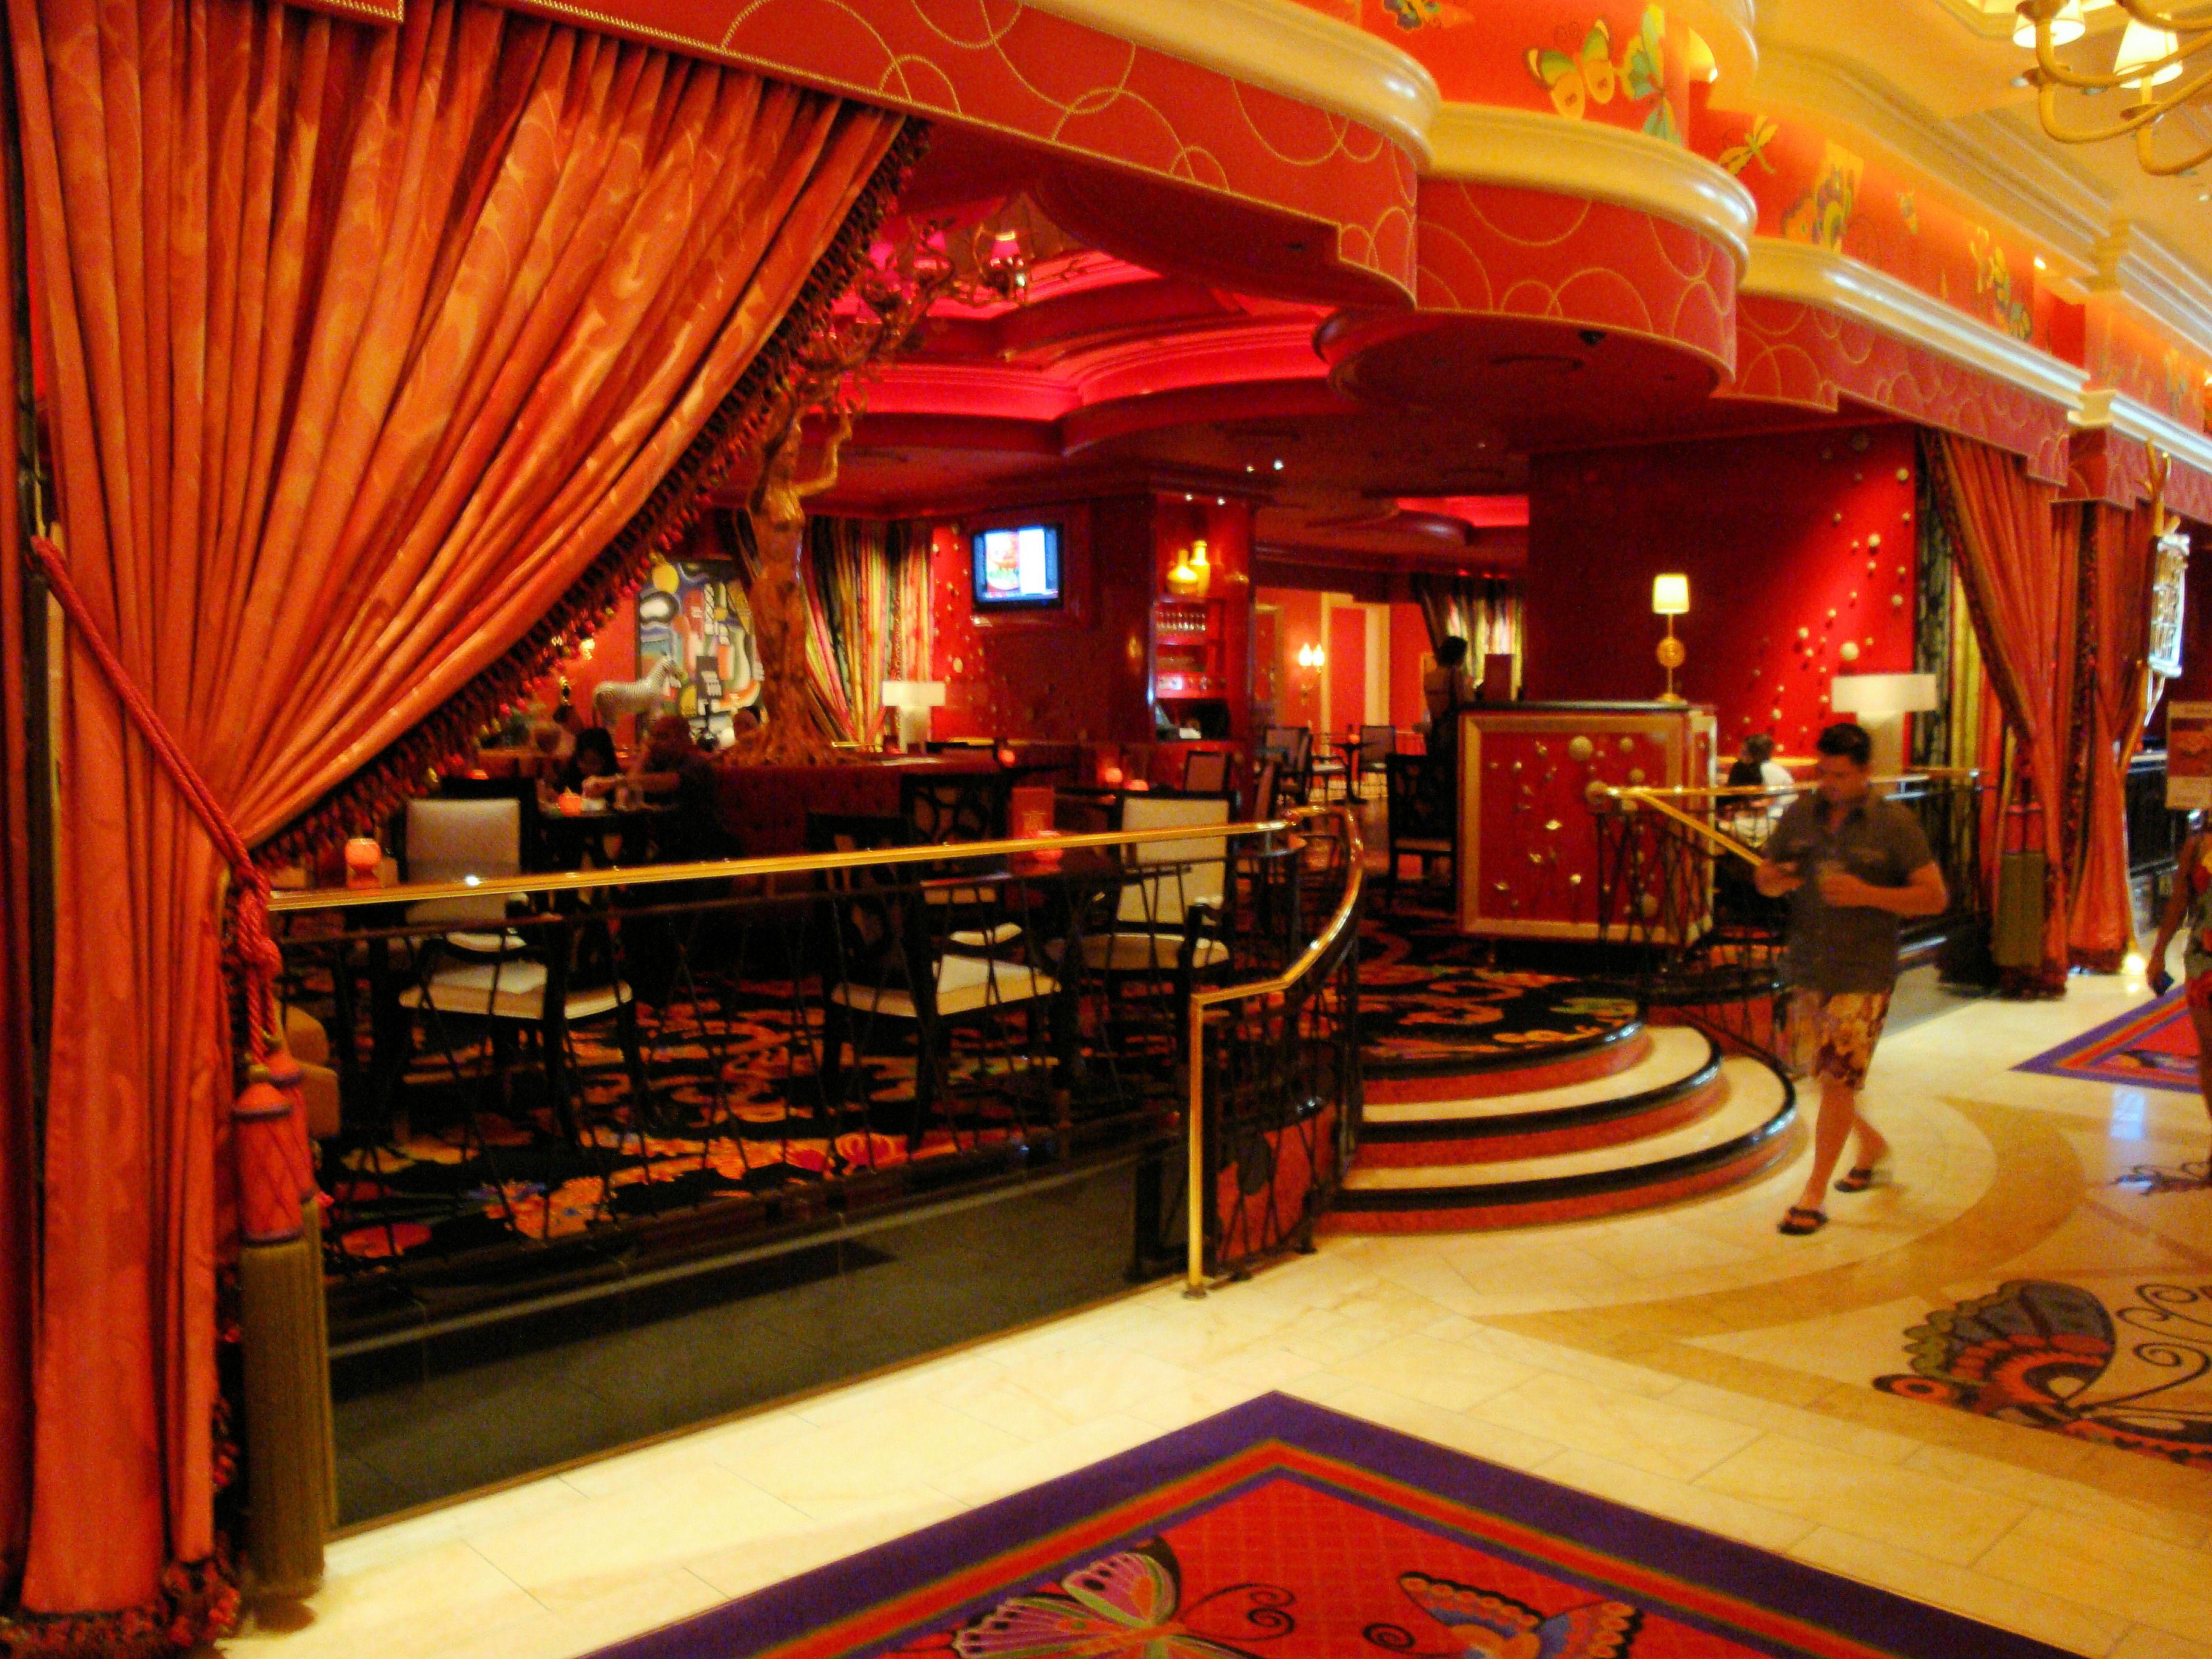 Valley Hotel Cafe Menu